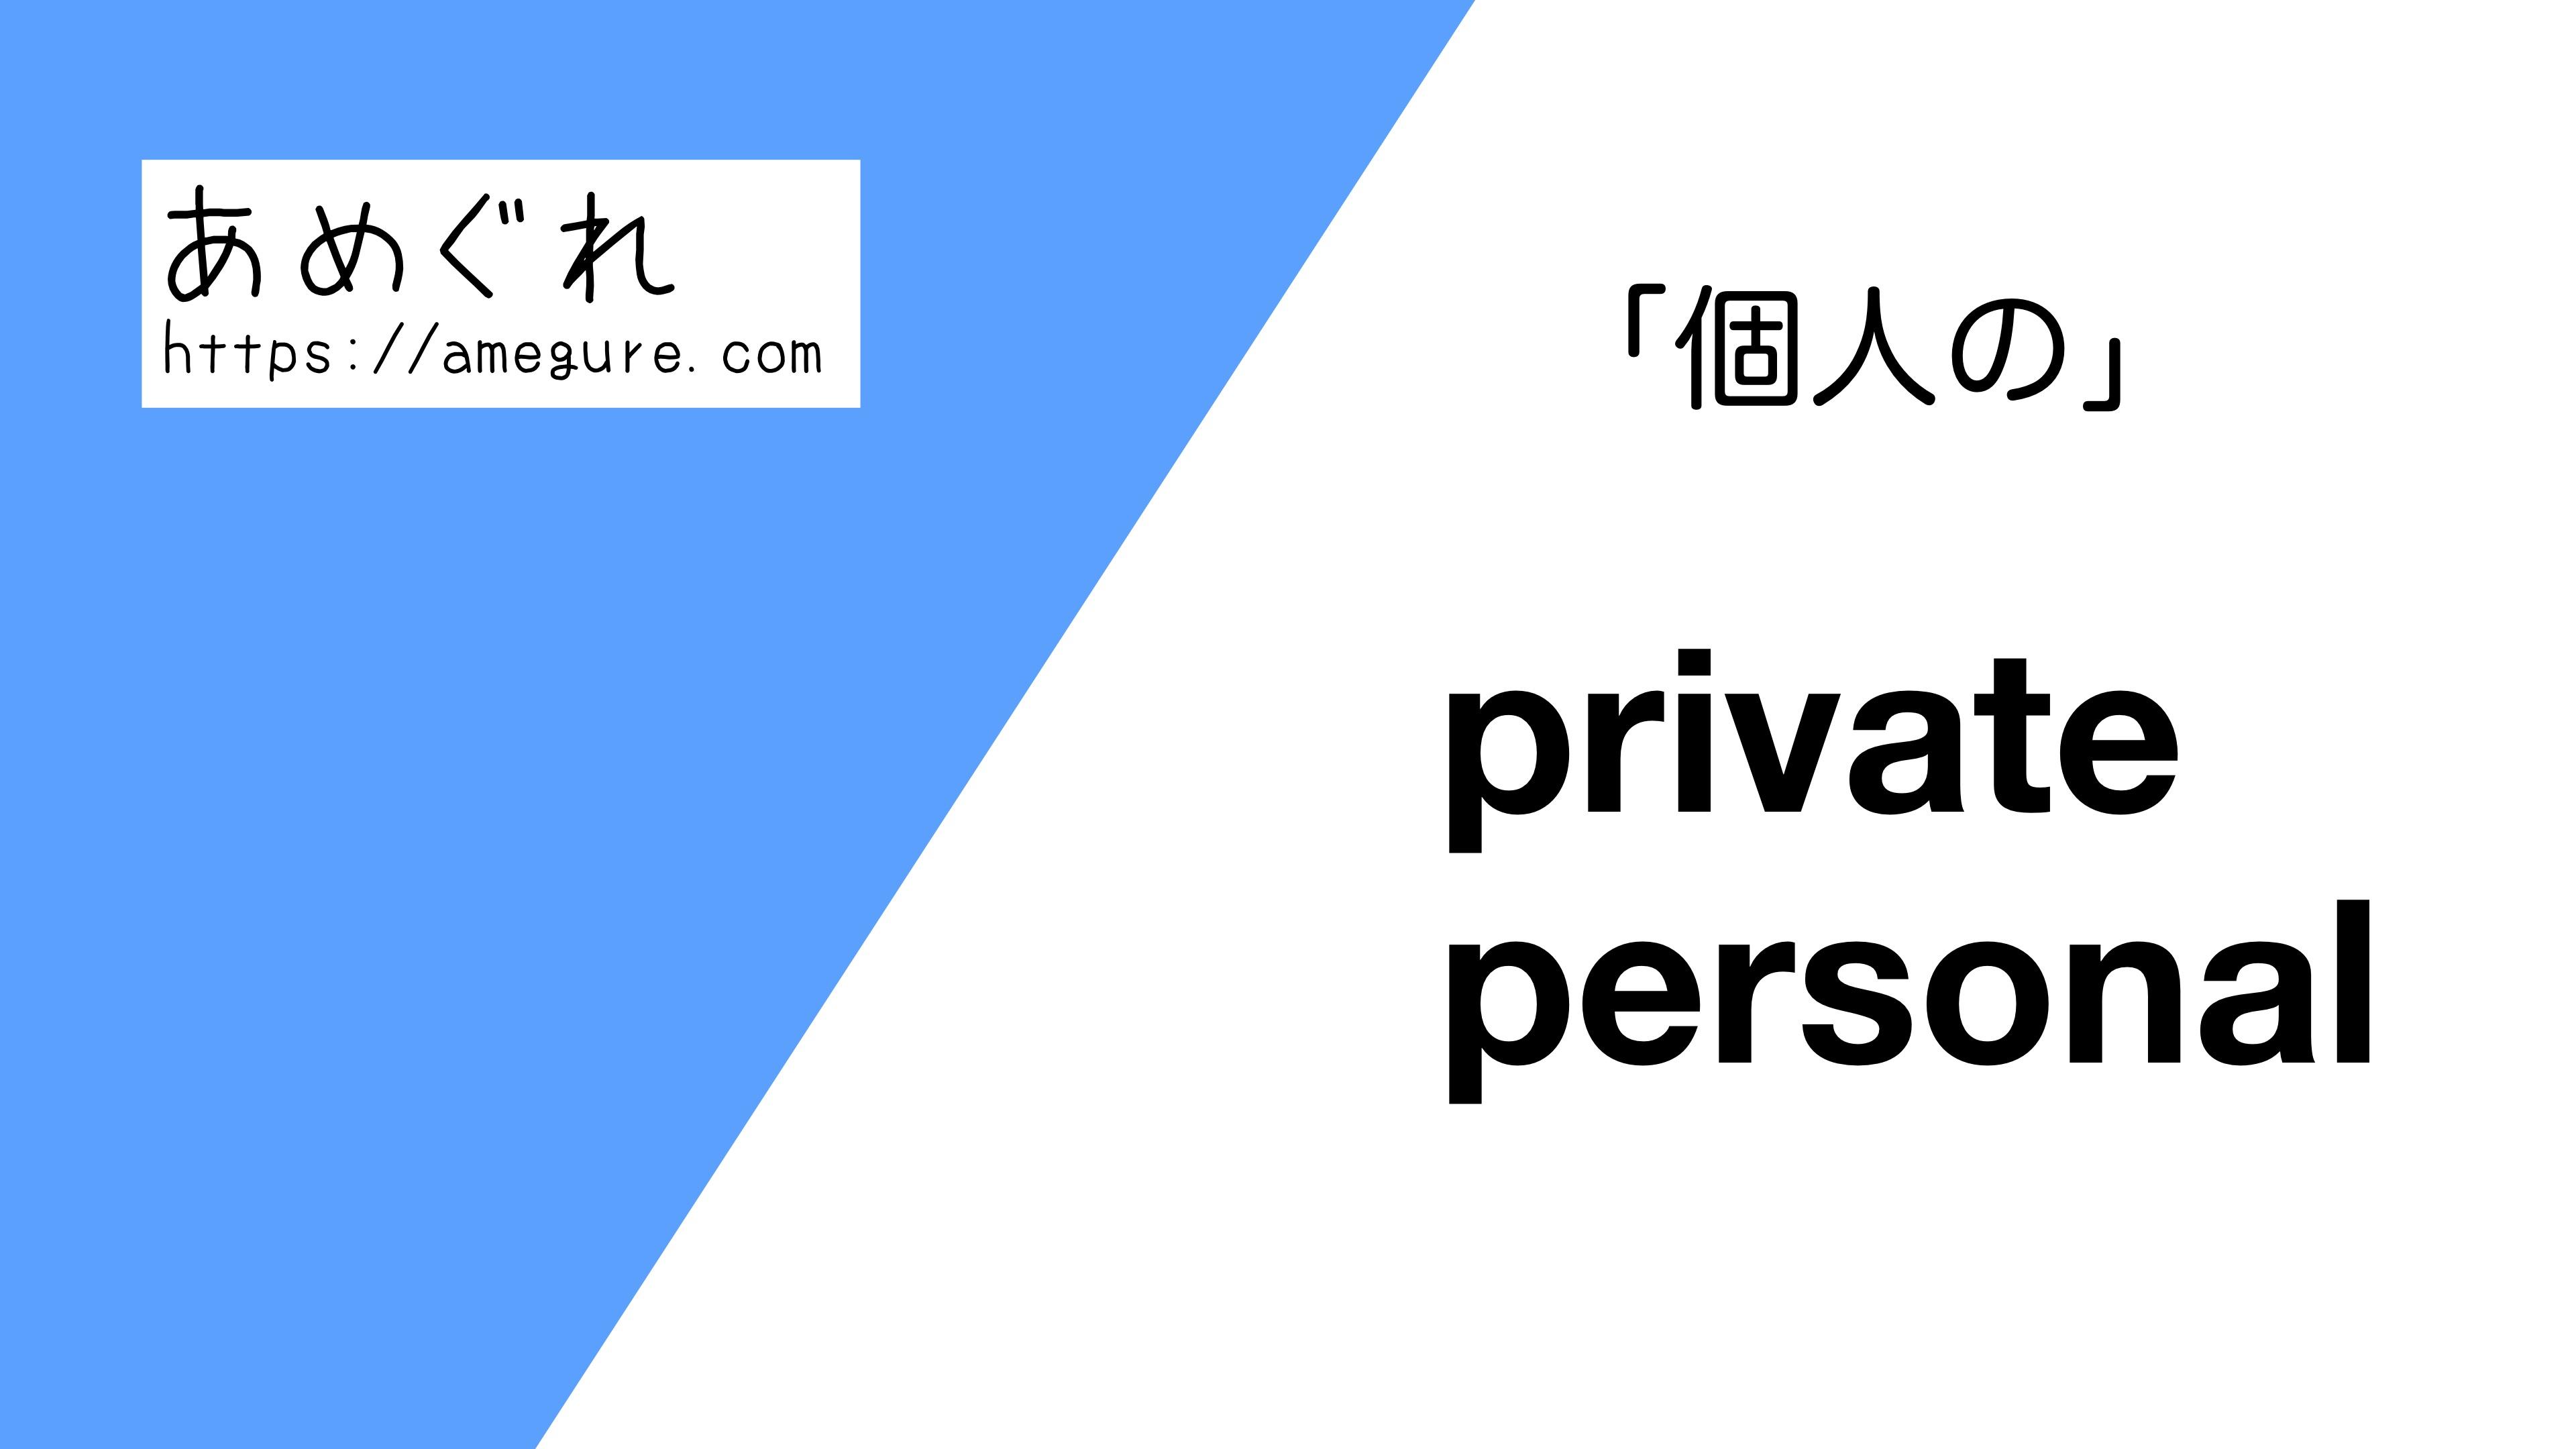 private-personal違い